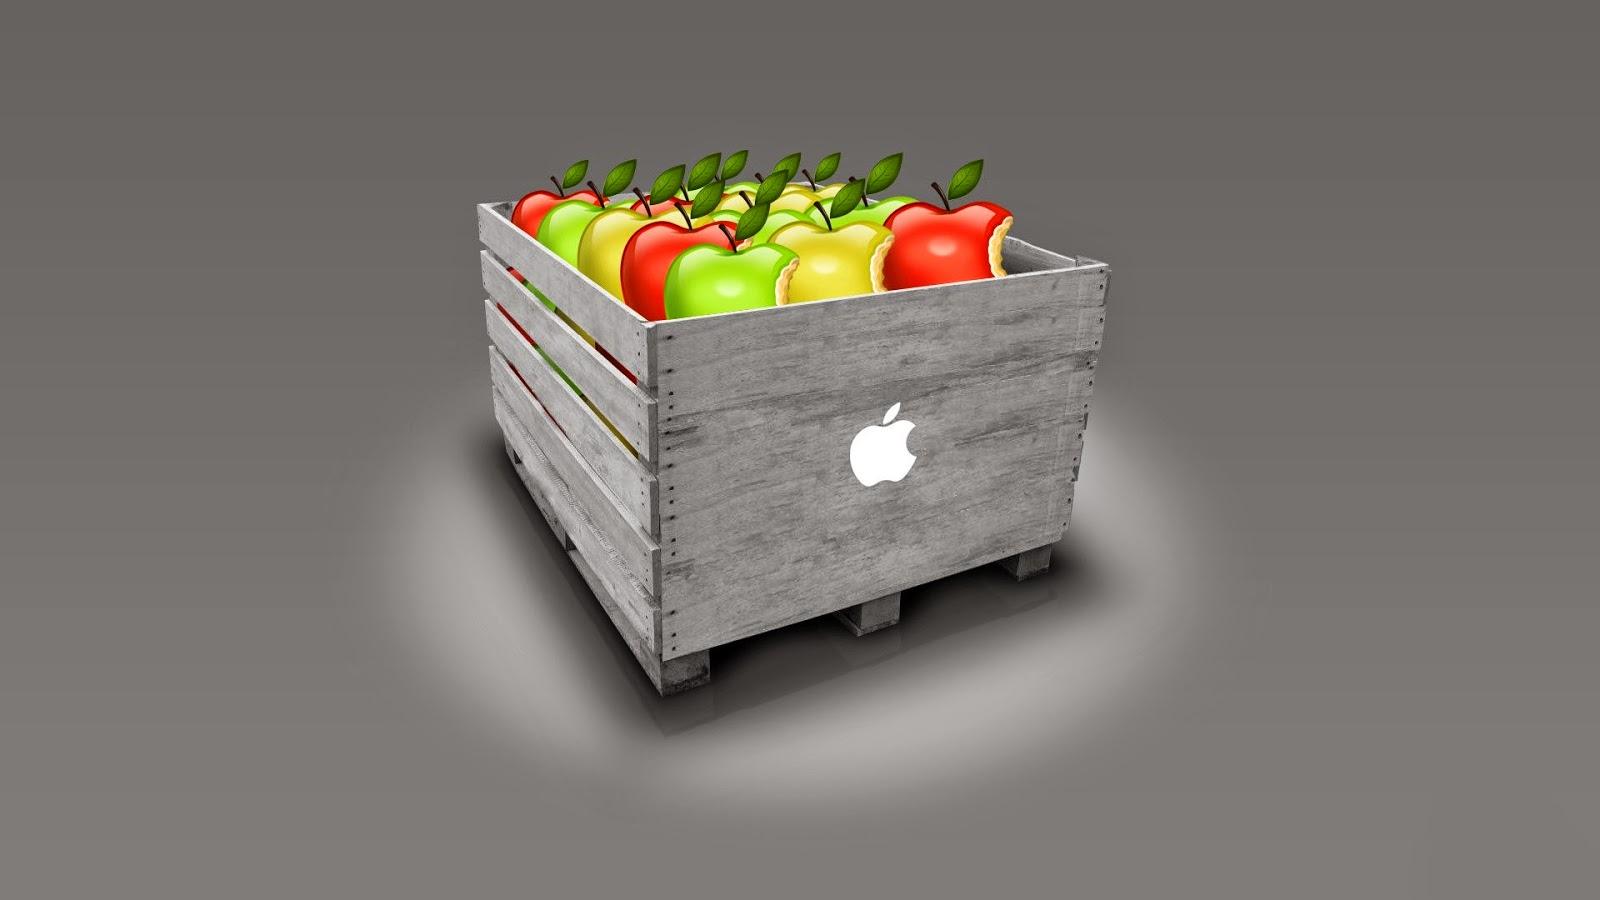 تحميل خلفيات شركة آبل apple wallpapers